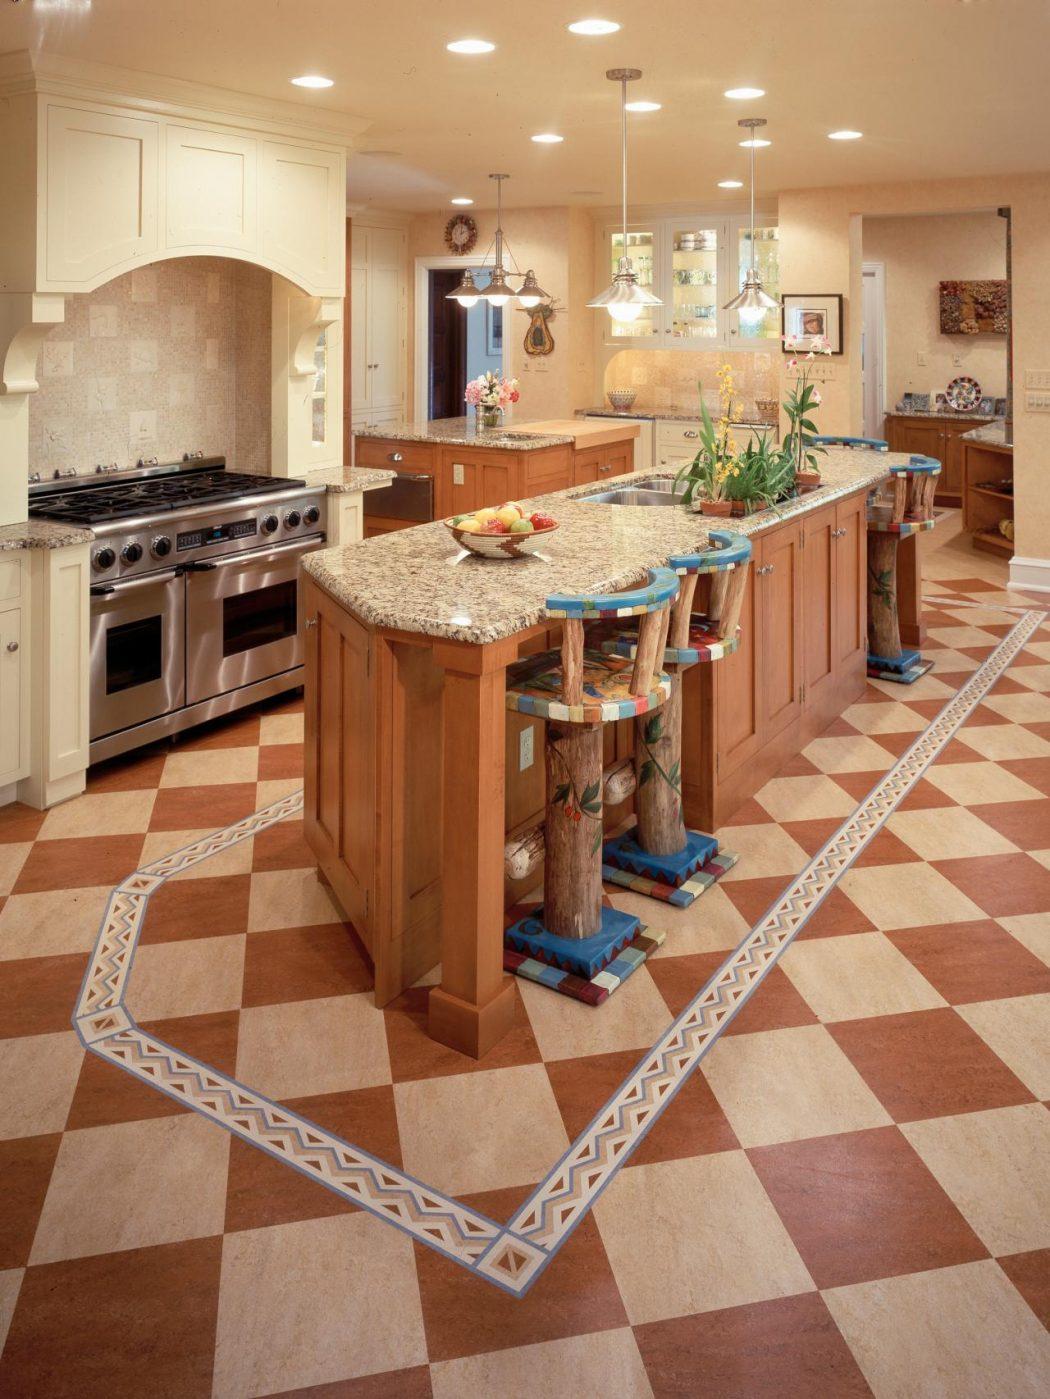 1405491607706 13 Modern Ways to Decorate Your Kitchen!